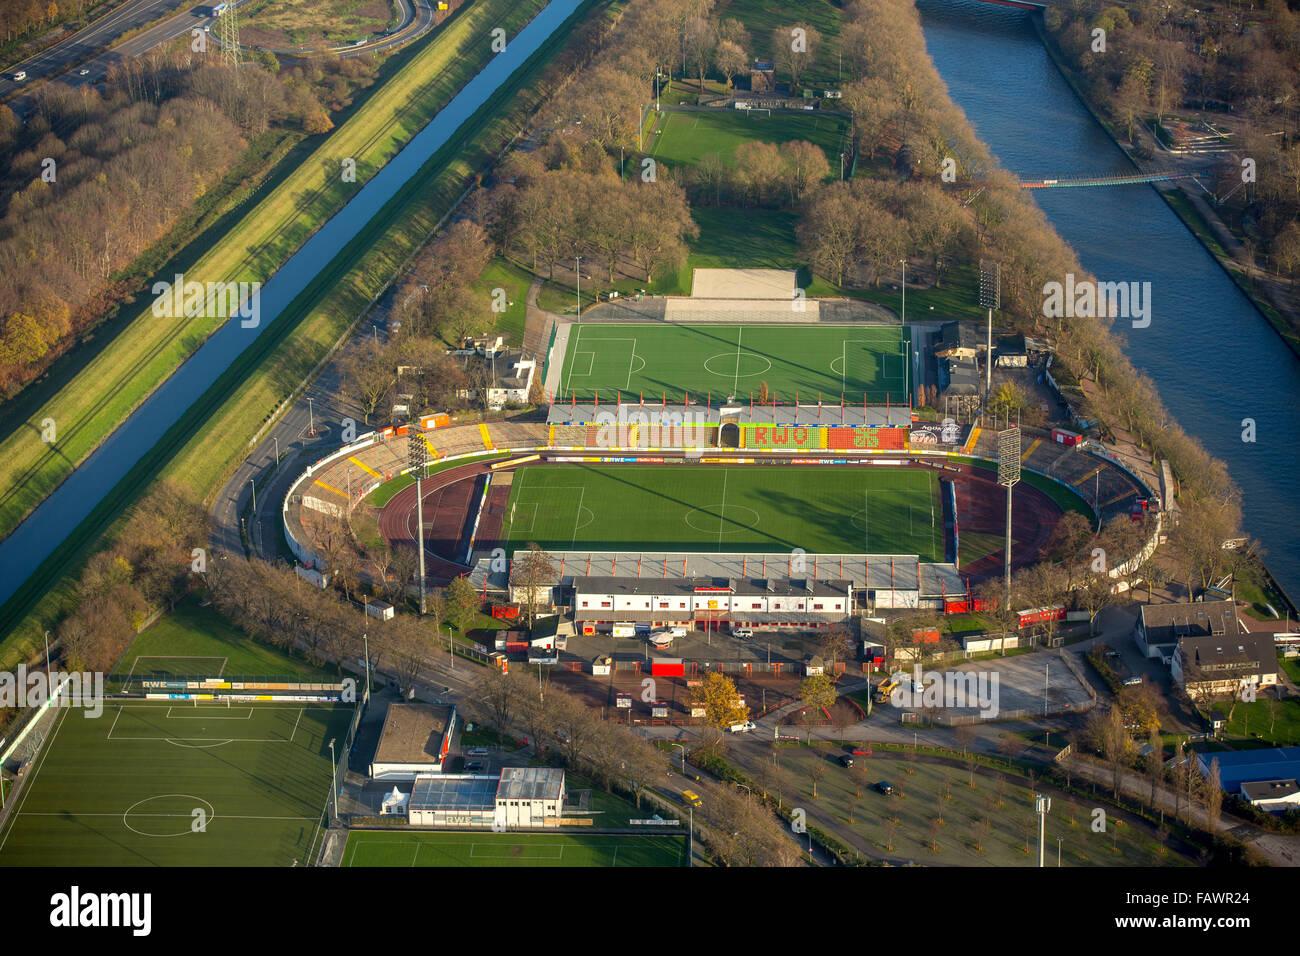 RWO Stadium, Niederrheinstadion Oberhausen between Emscher and Rhine-Herne Canal, Oberhausen, Ruhr district - Stock Image